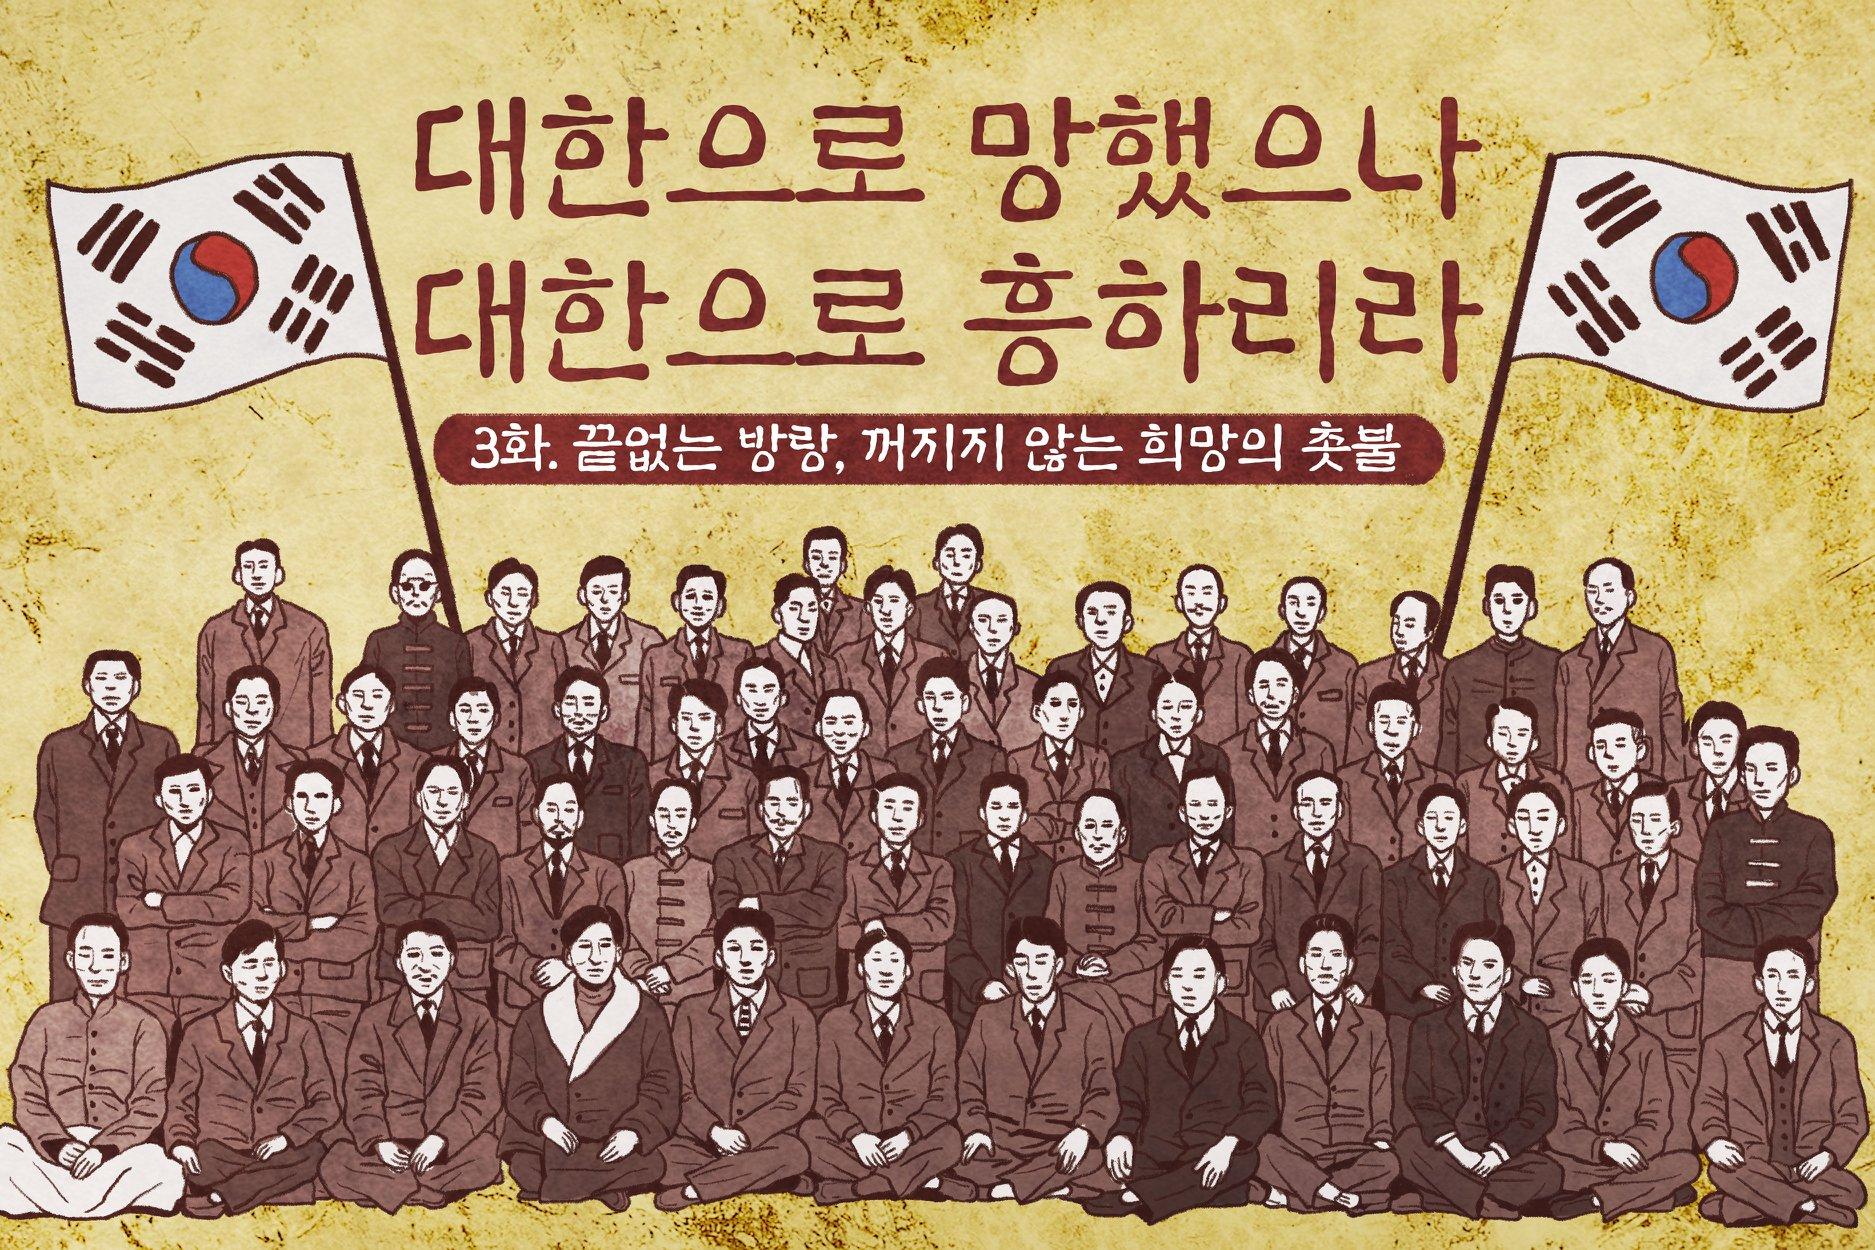 [대한민국 임시정부 수립 100주년 기념 카드툰] 제3화 - 끊없는 방랑, 꺼지지 않는 희망의 촛불